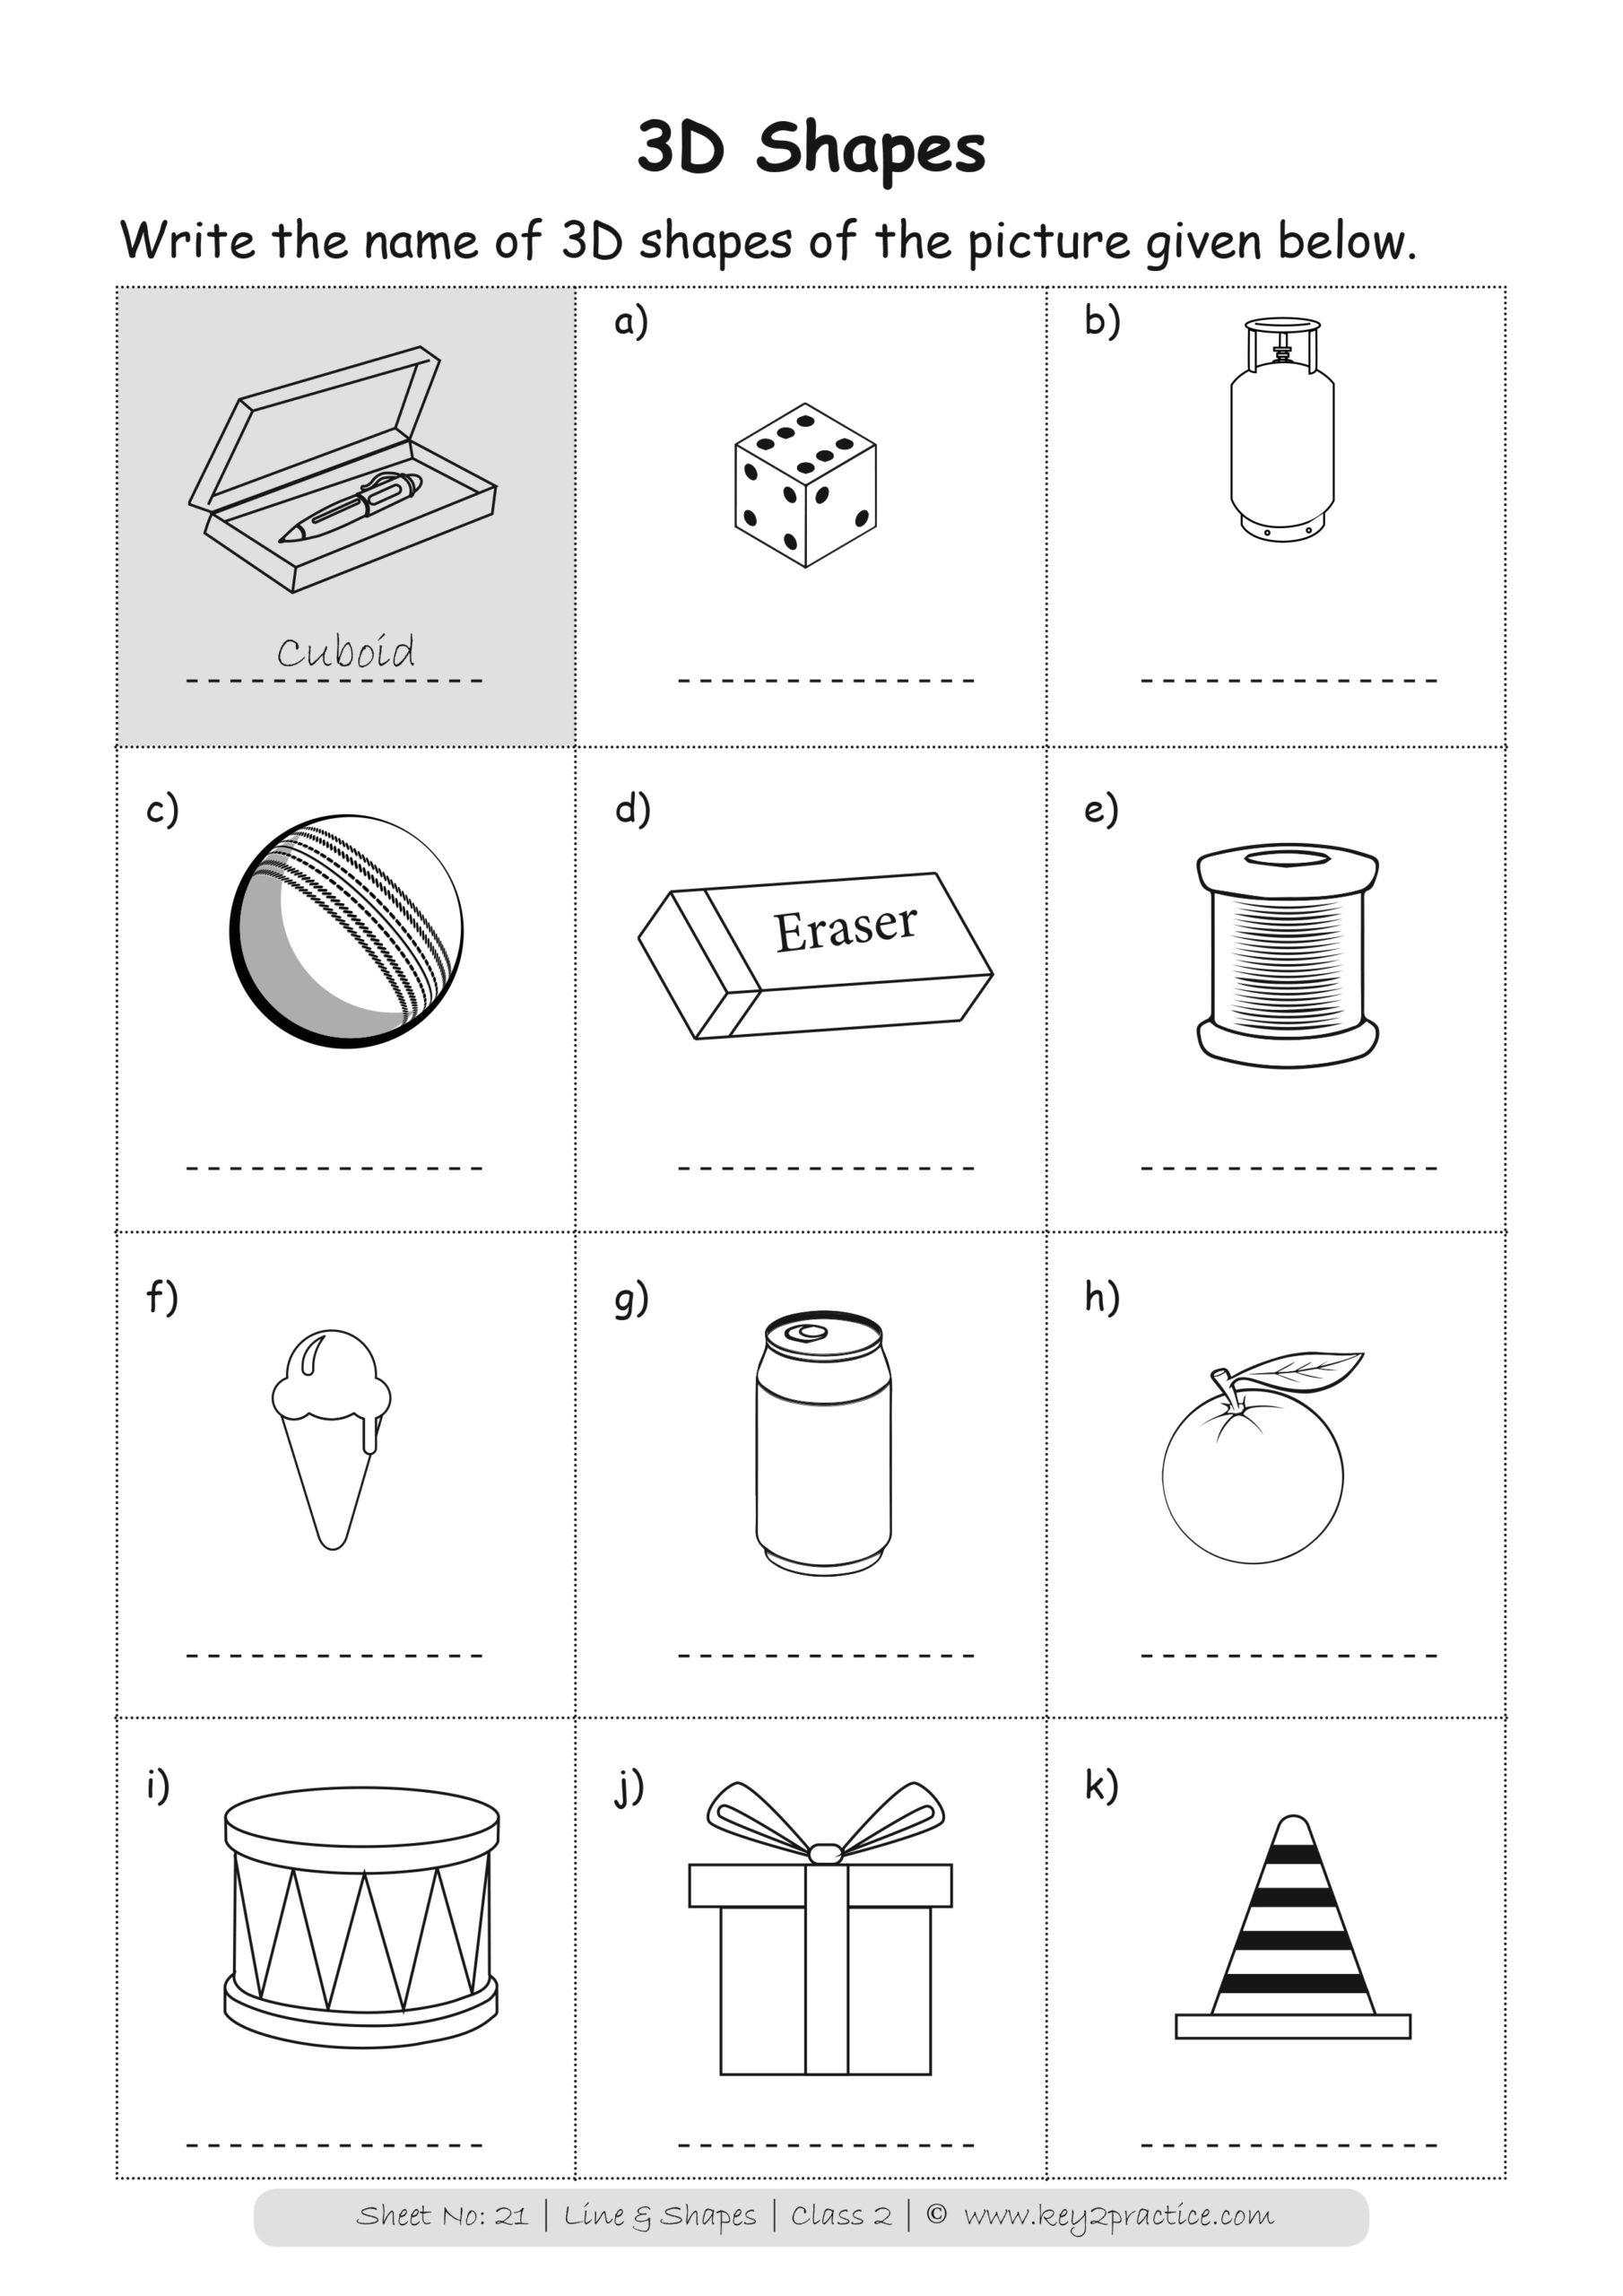 Maths Worksheets Grade 2 I Lines Shapes Key2practice Workbooks